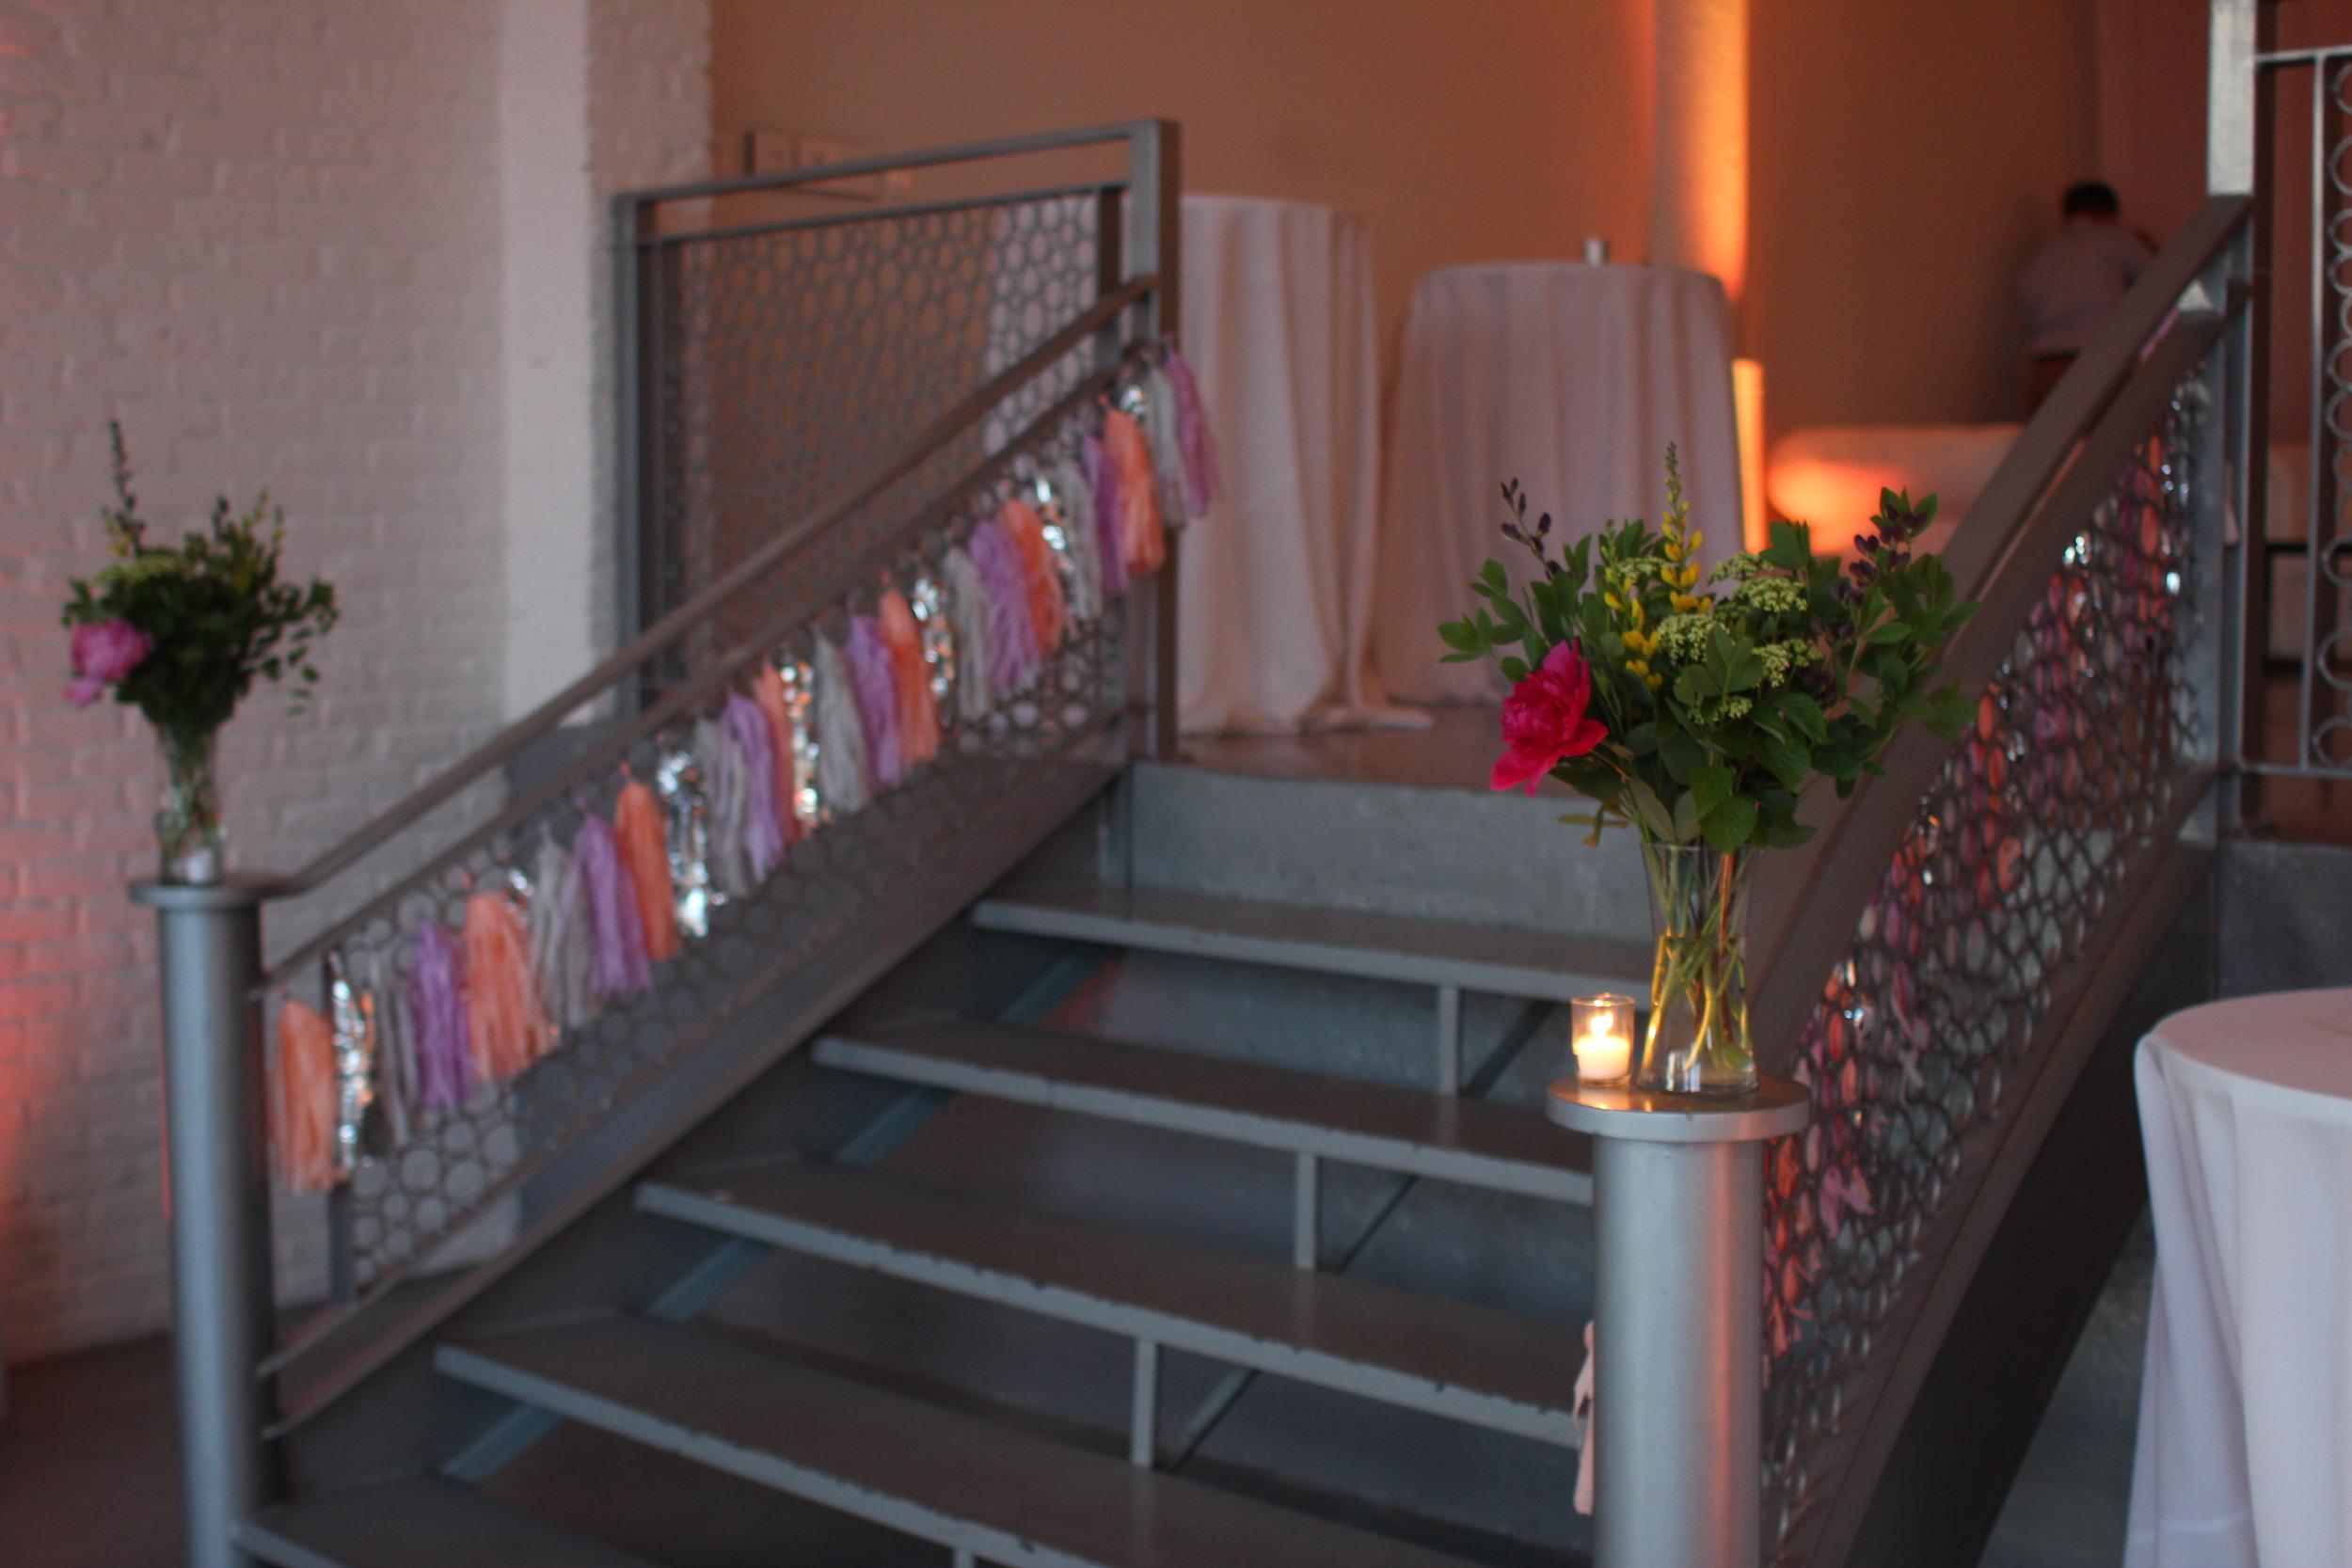 Room 1520 Wedding Venue in the West Loop.